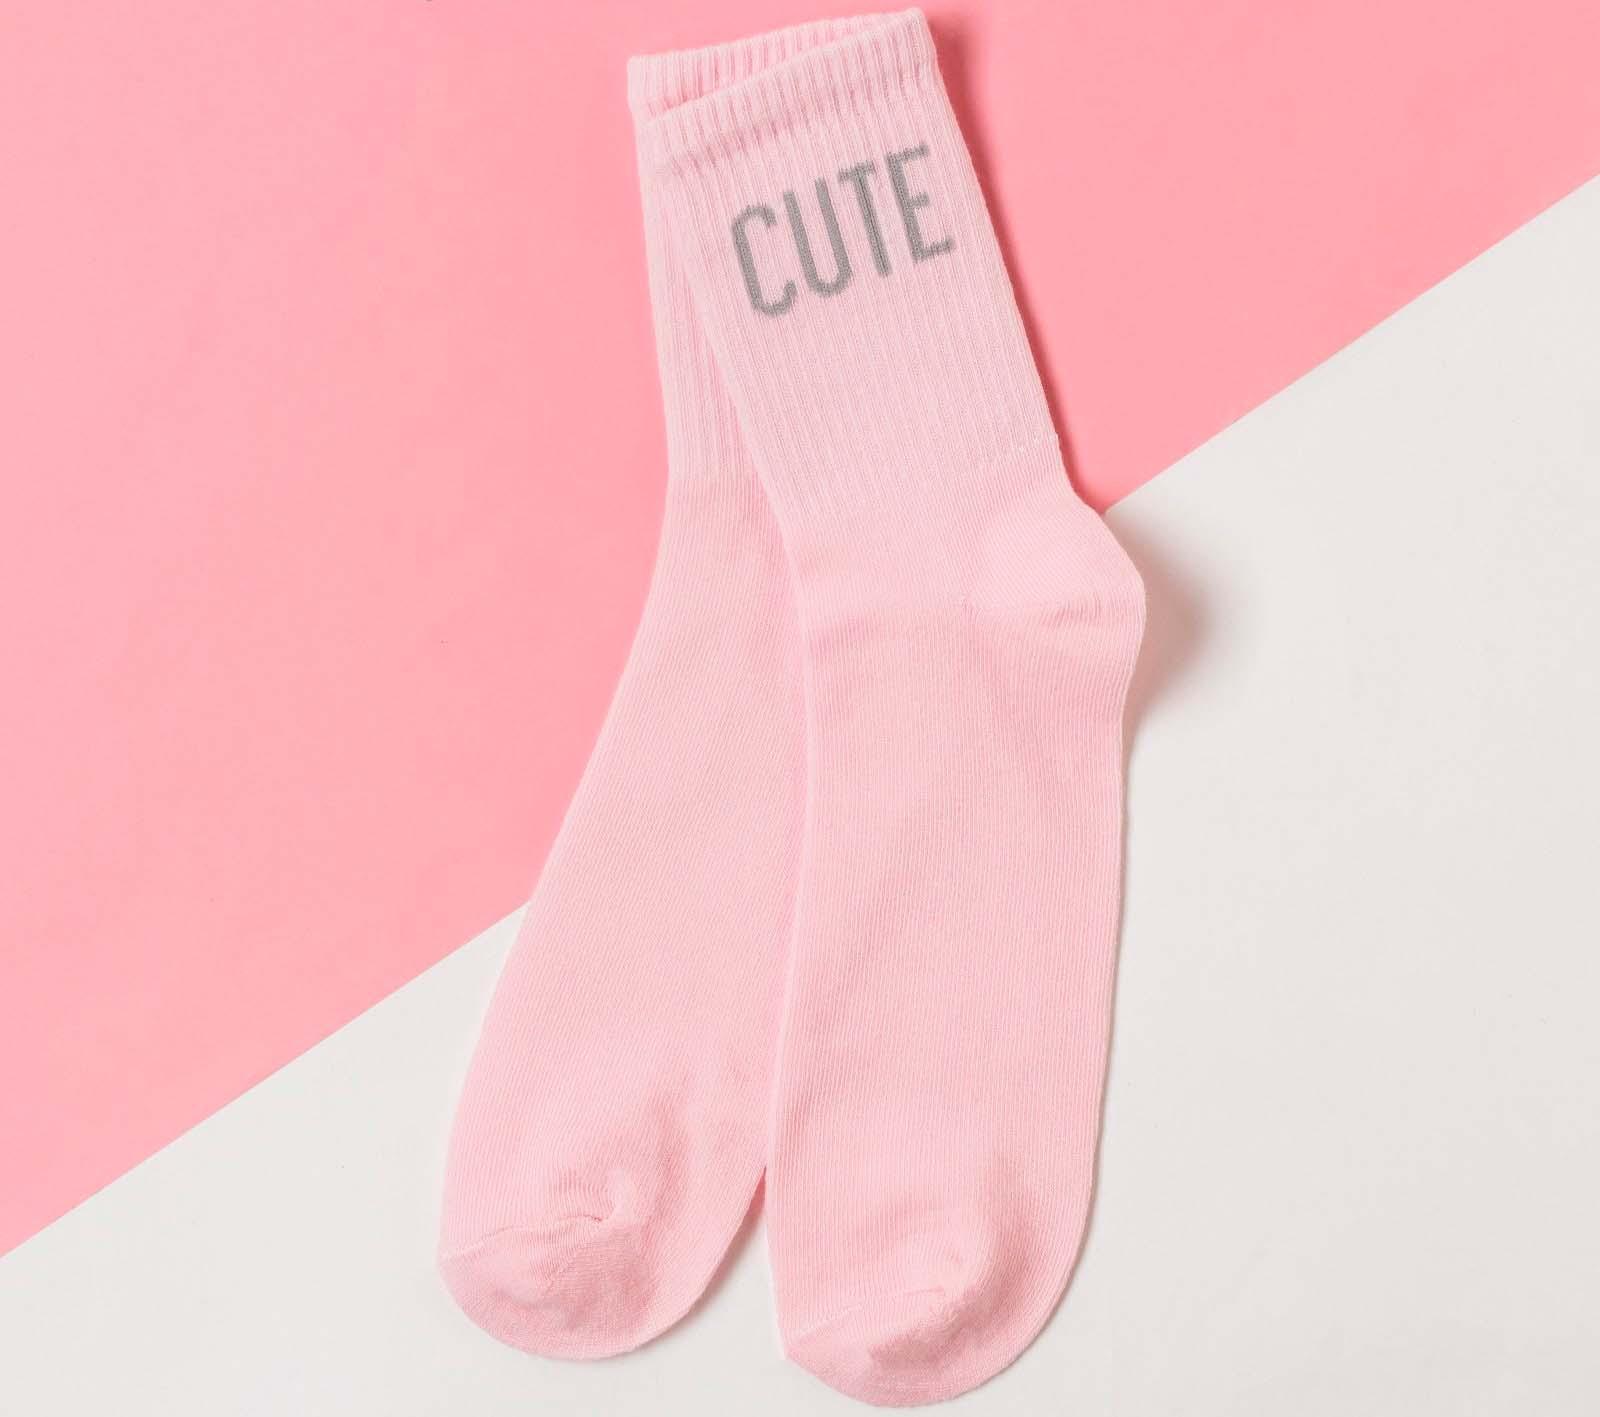 Носки женские Cute цвет: розовый (36-40)